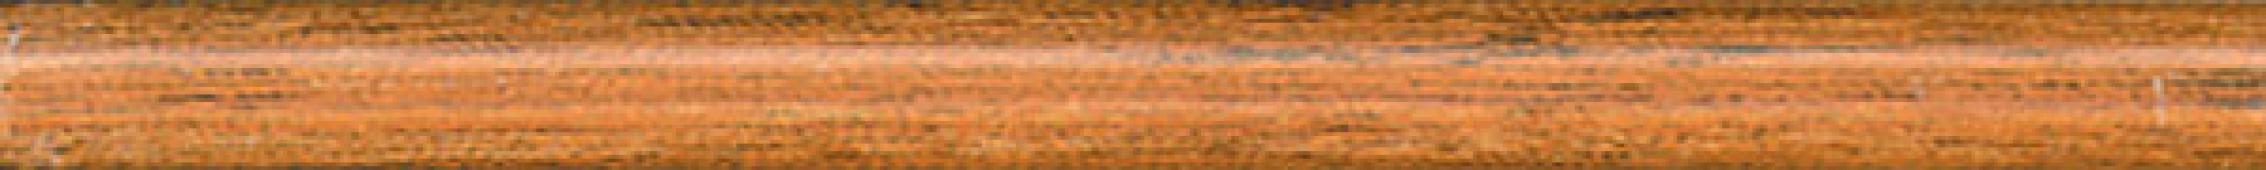 PFC001 Карандаш Дерево беж матовый керамический бордюр